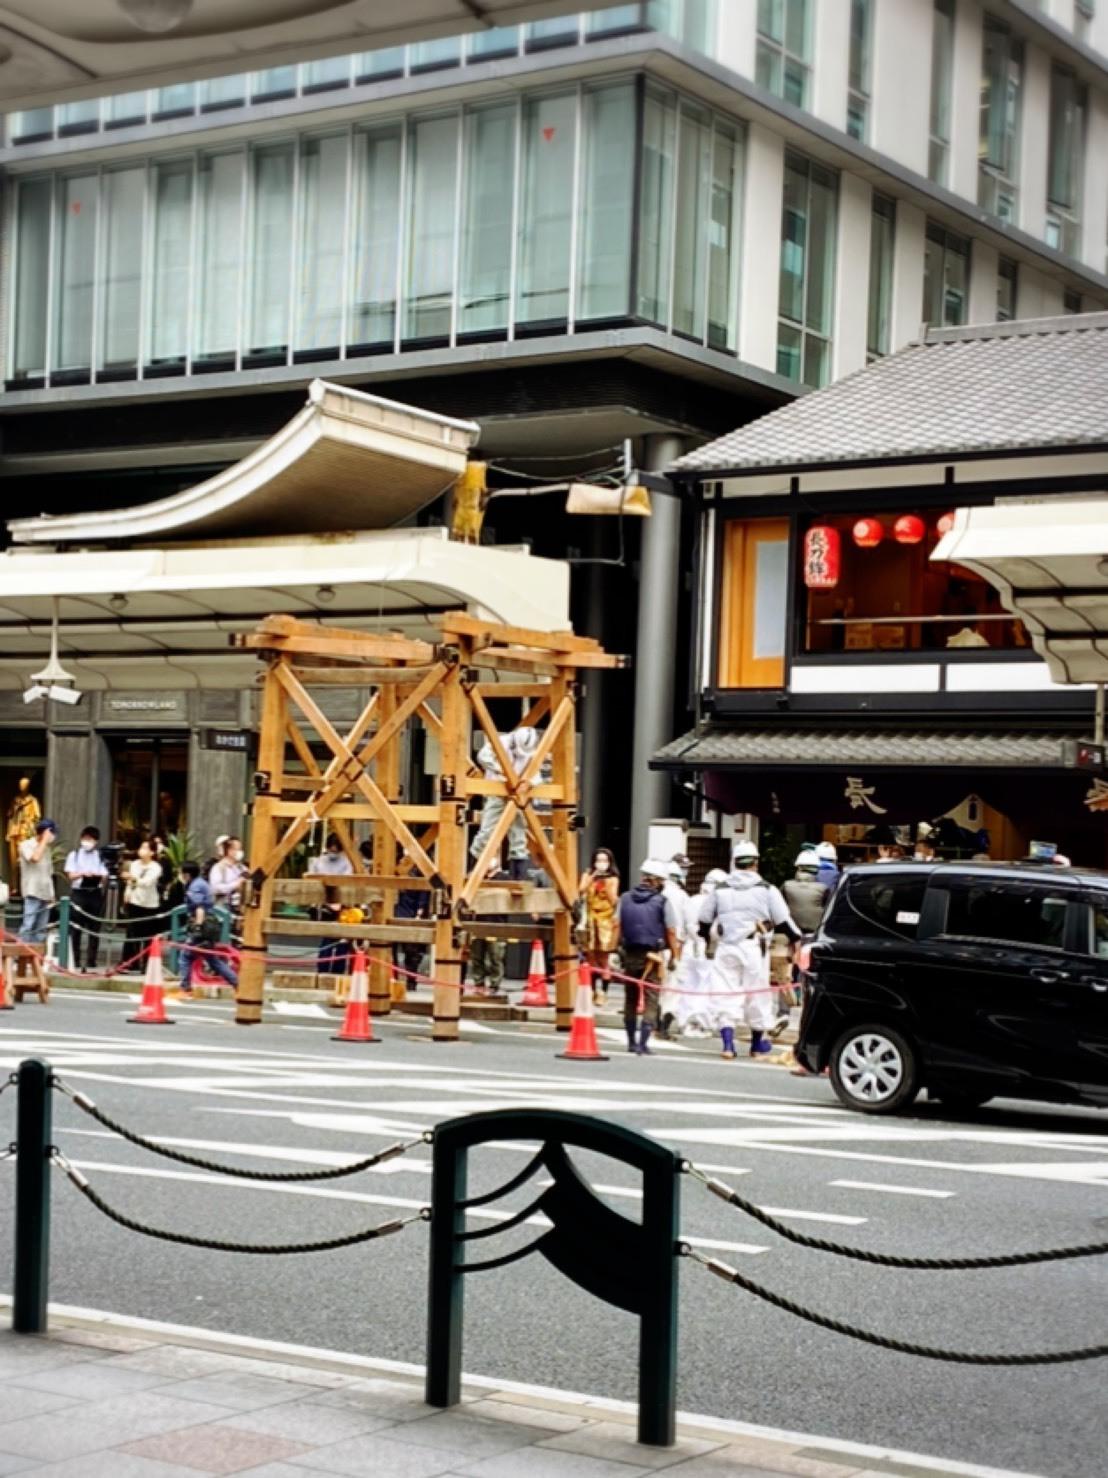 今年も祇園祭は中止ですが、ニコリニコリーは出店しておりますよー❗️_a0129631_10133999.jpg